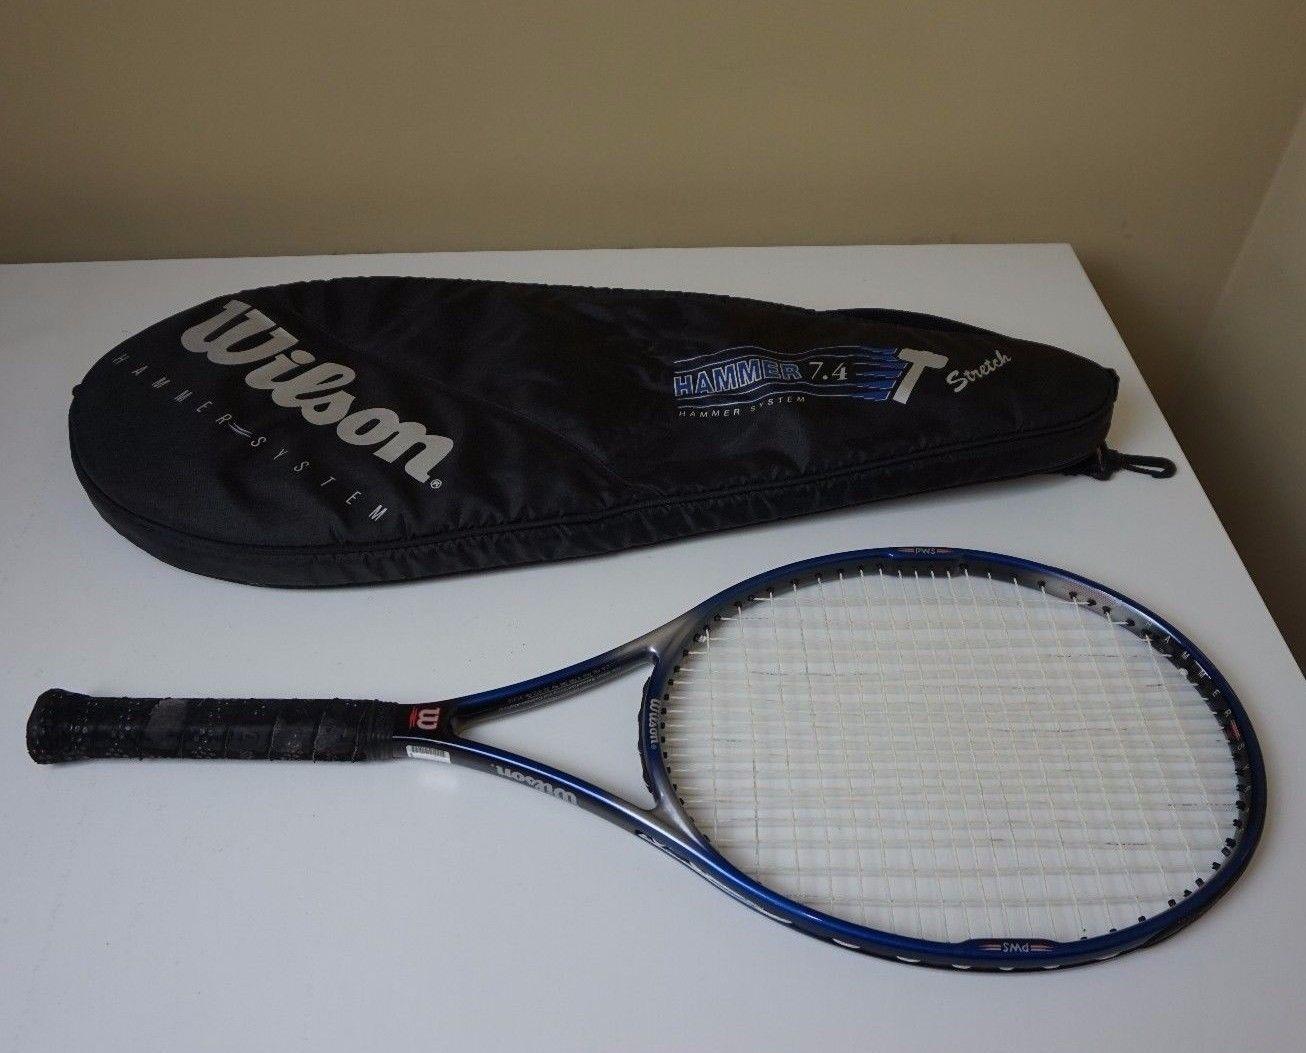 Wilson Hammer 5.0 Stretch Oversize 110 4 3//8 grip Tennis Racquet